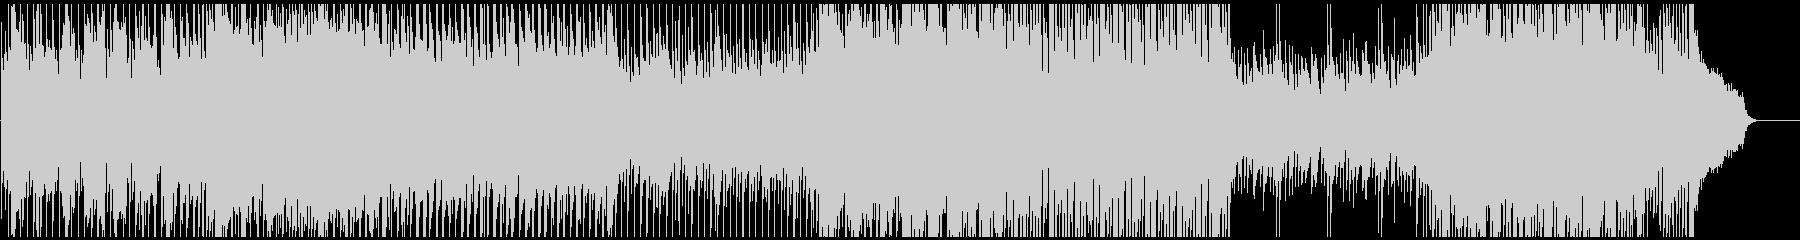 シンプルな8ビートの軽く爽やかなBGMの未再生の波形